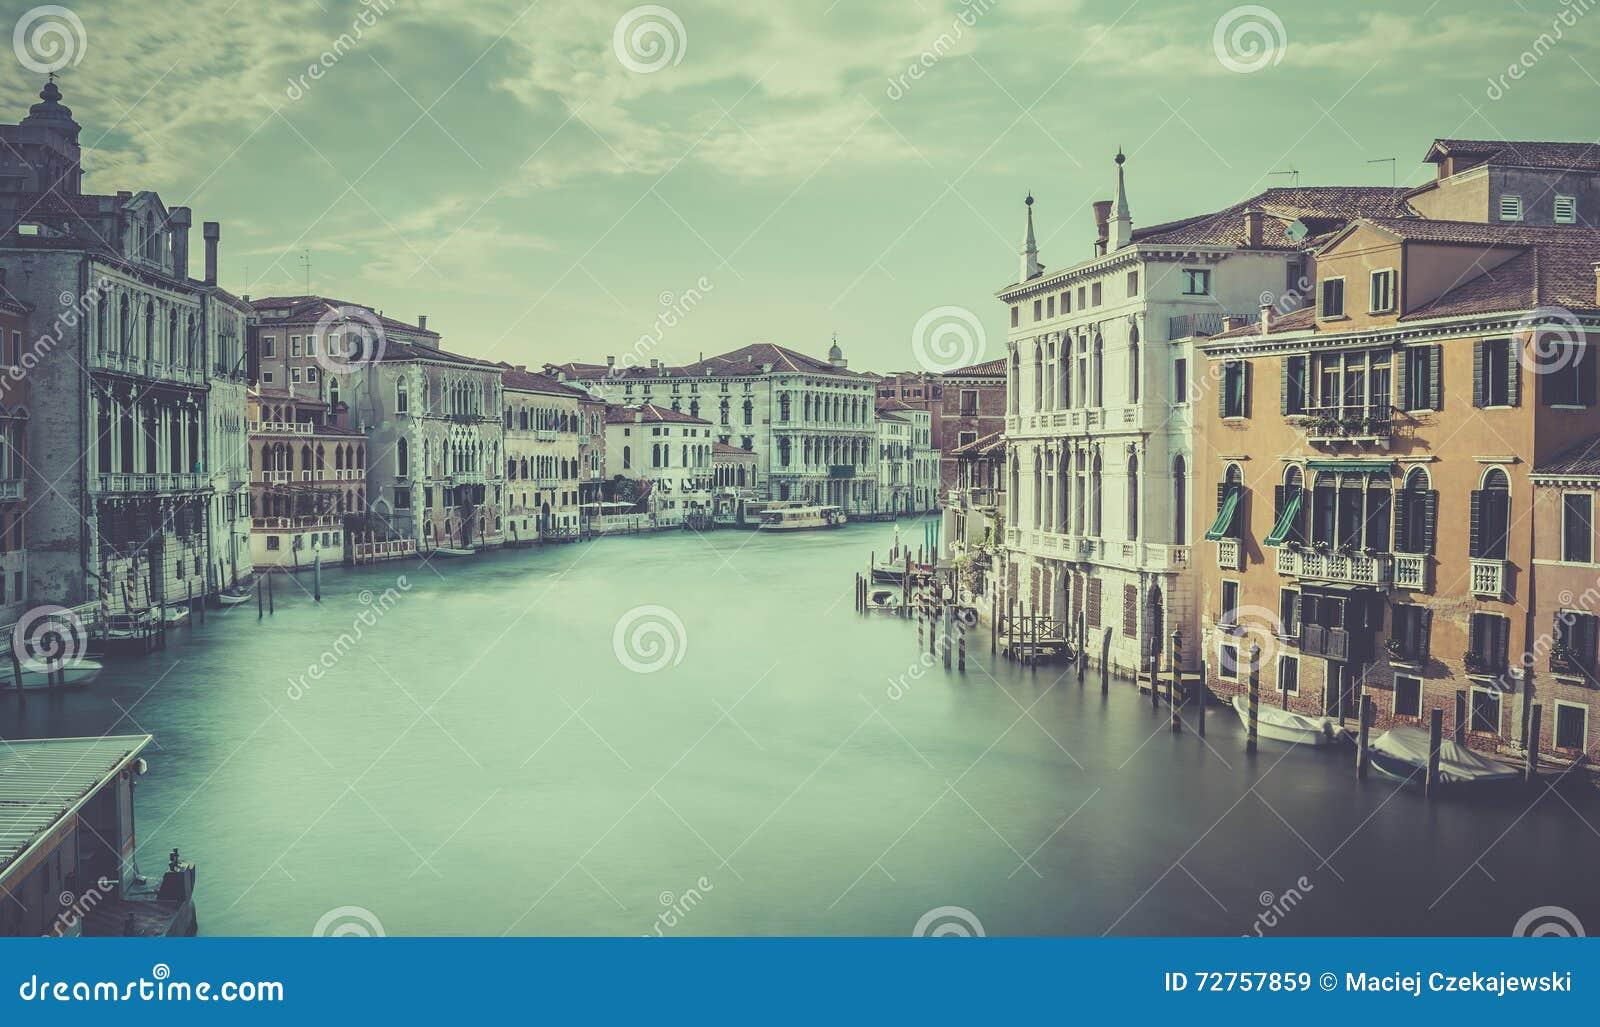 Scena di Grand Canal, Venezia